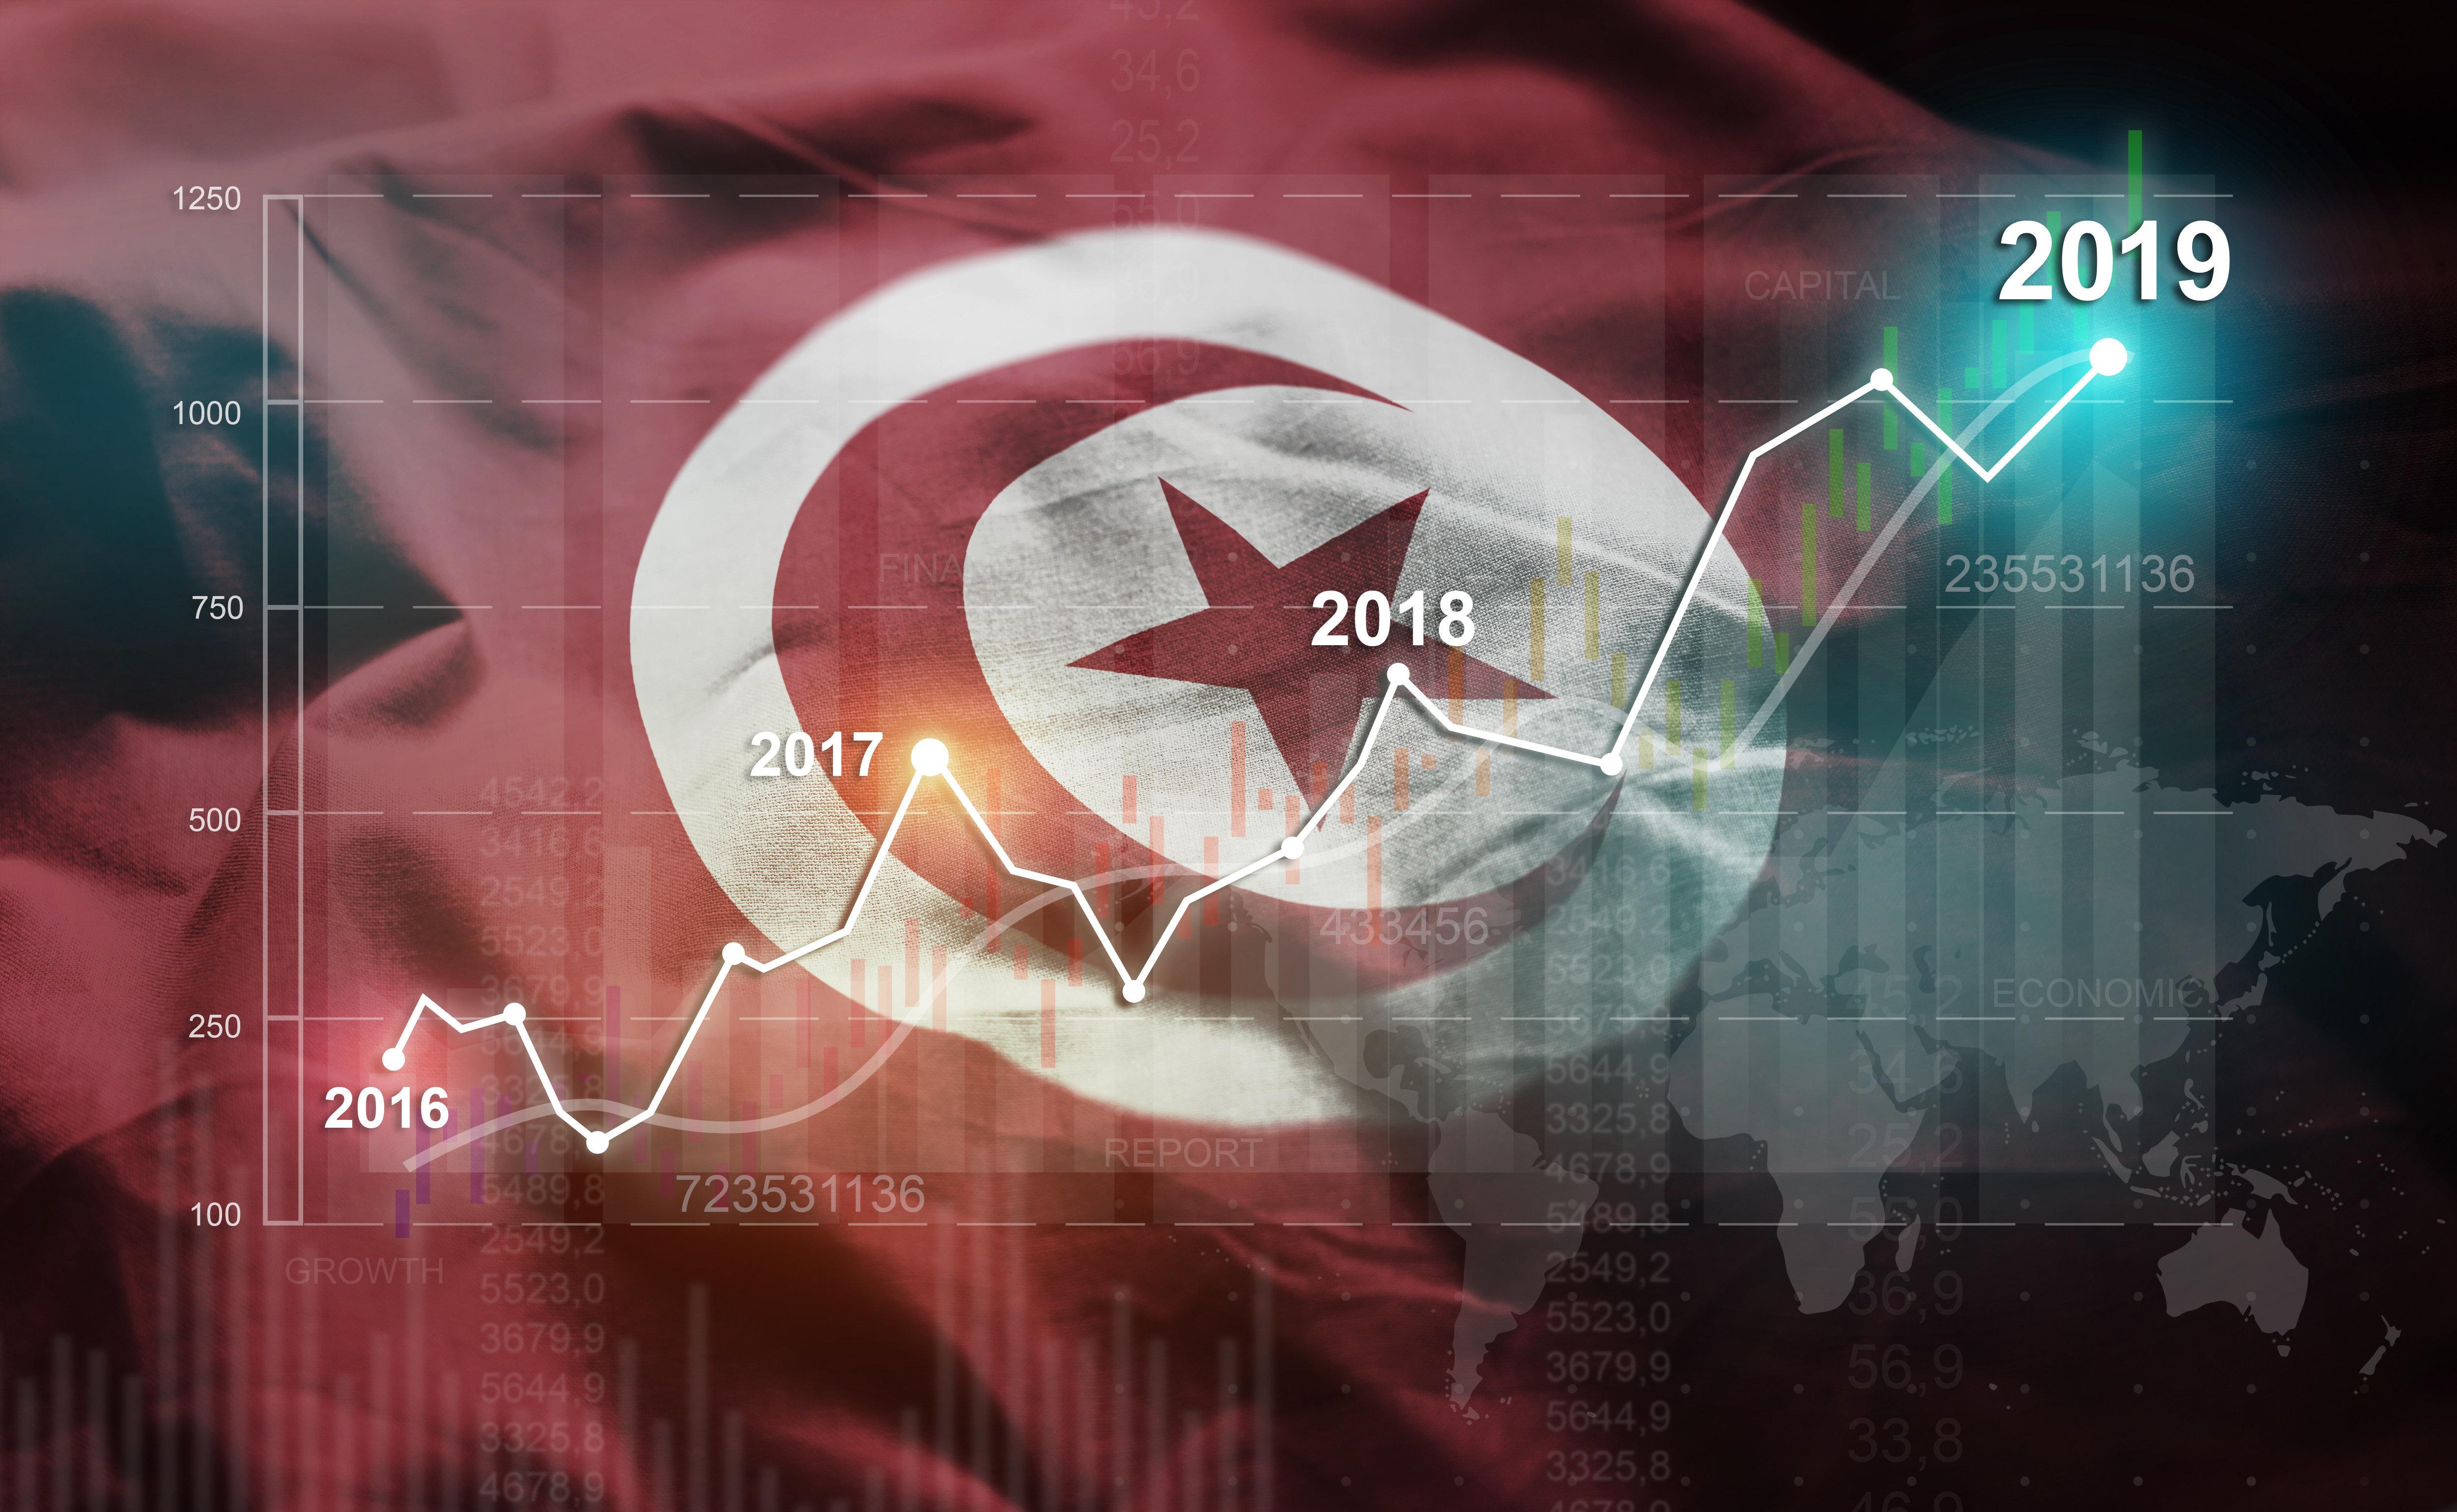 La croissance de l'économie tunisienne devrait se poursuivre en 2019/2020selon la